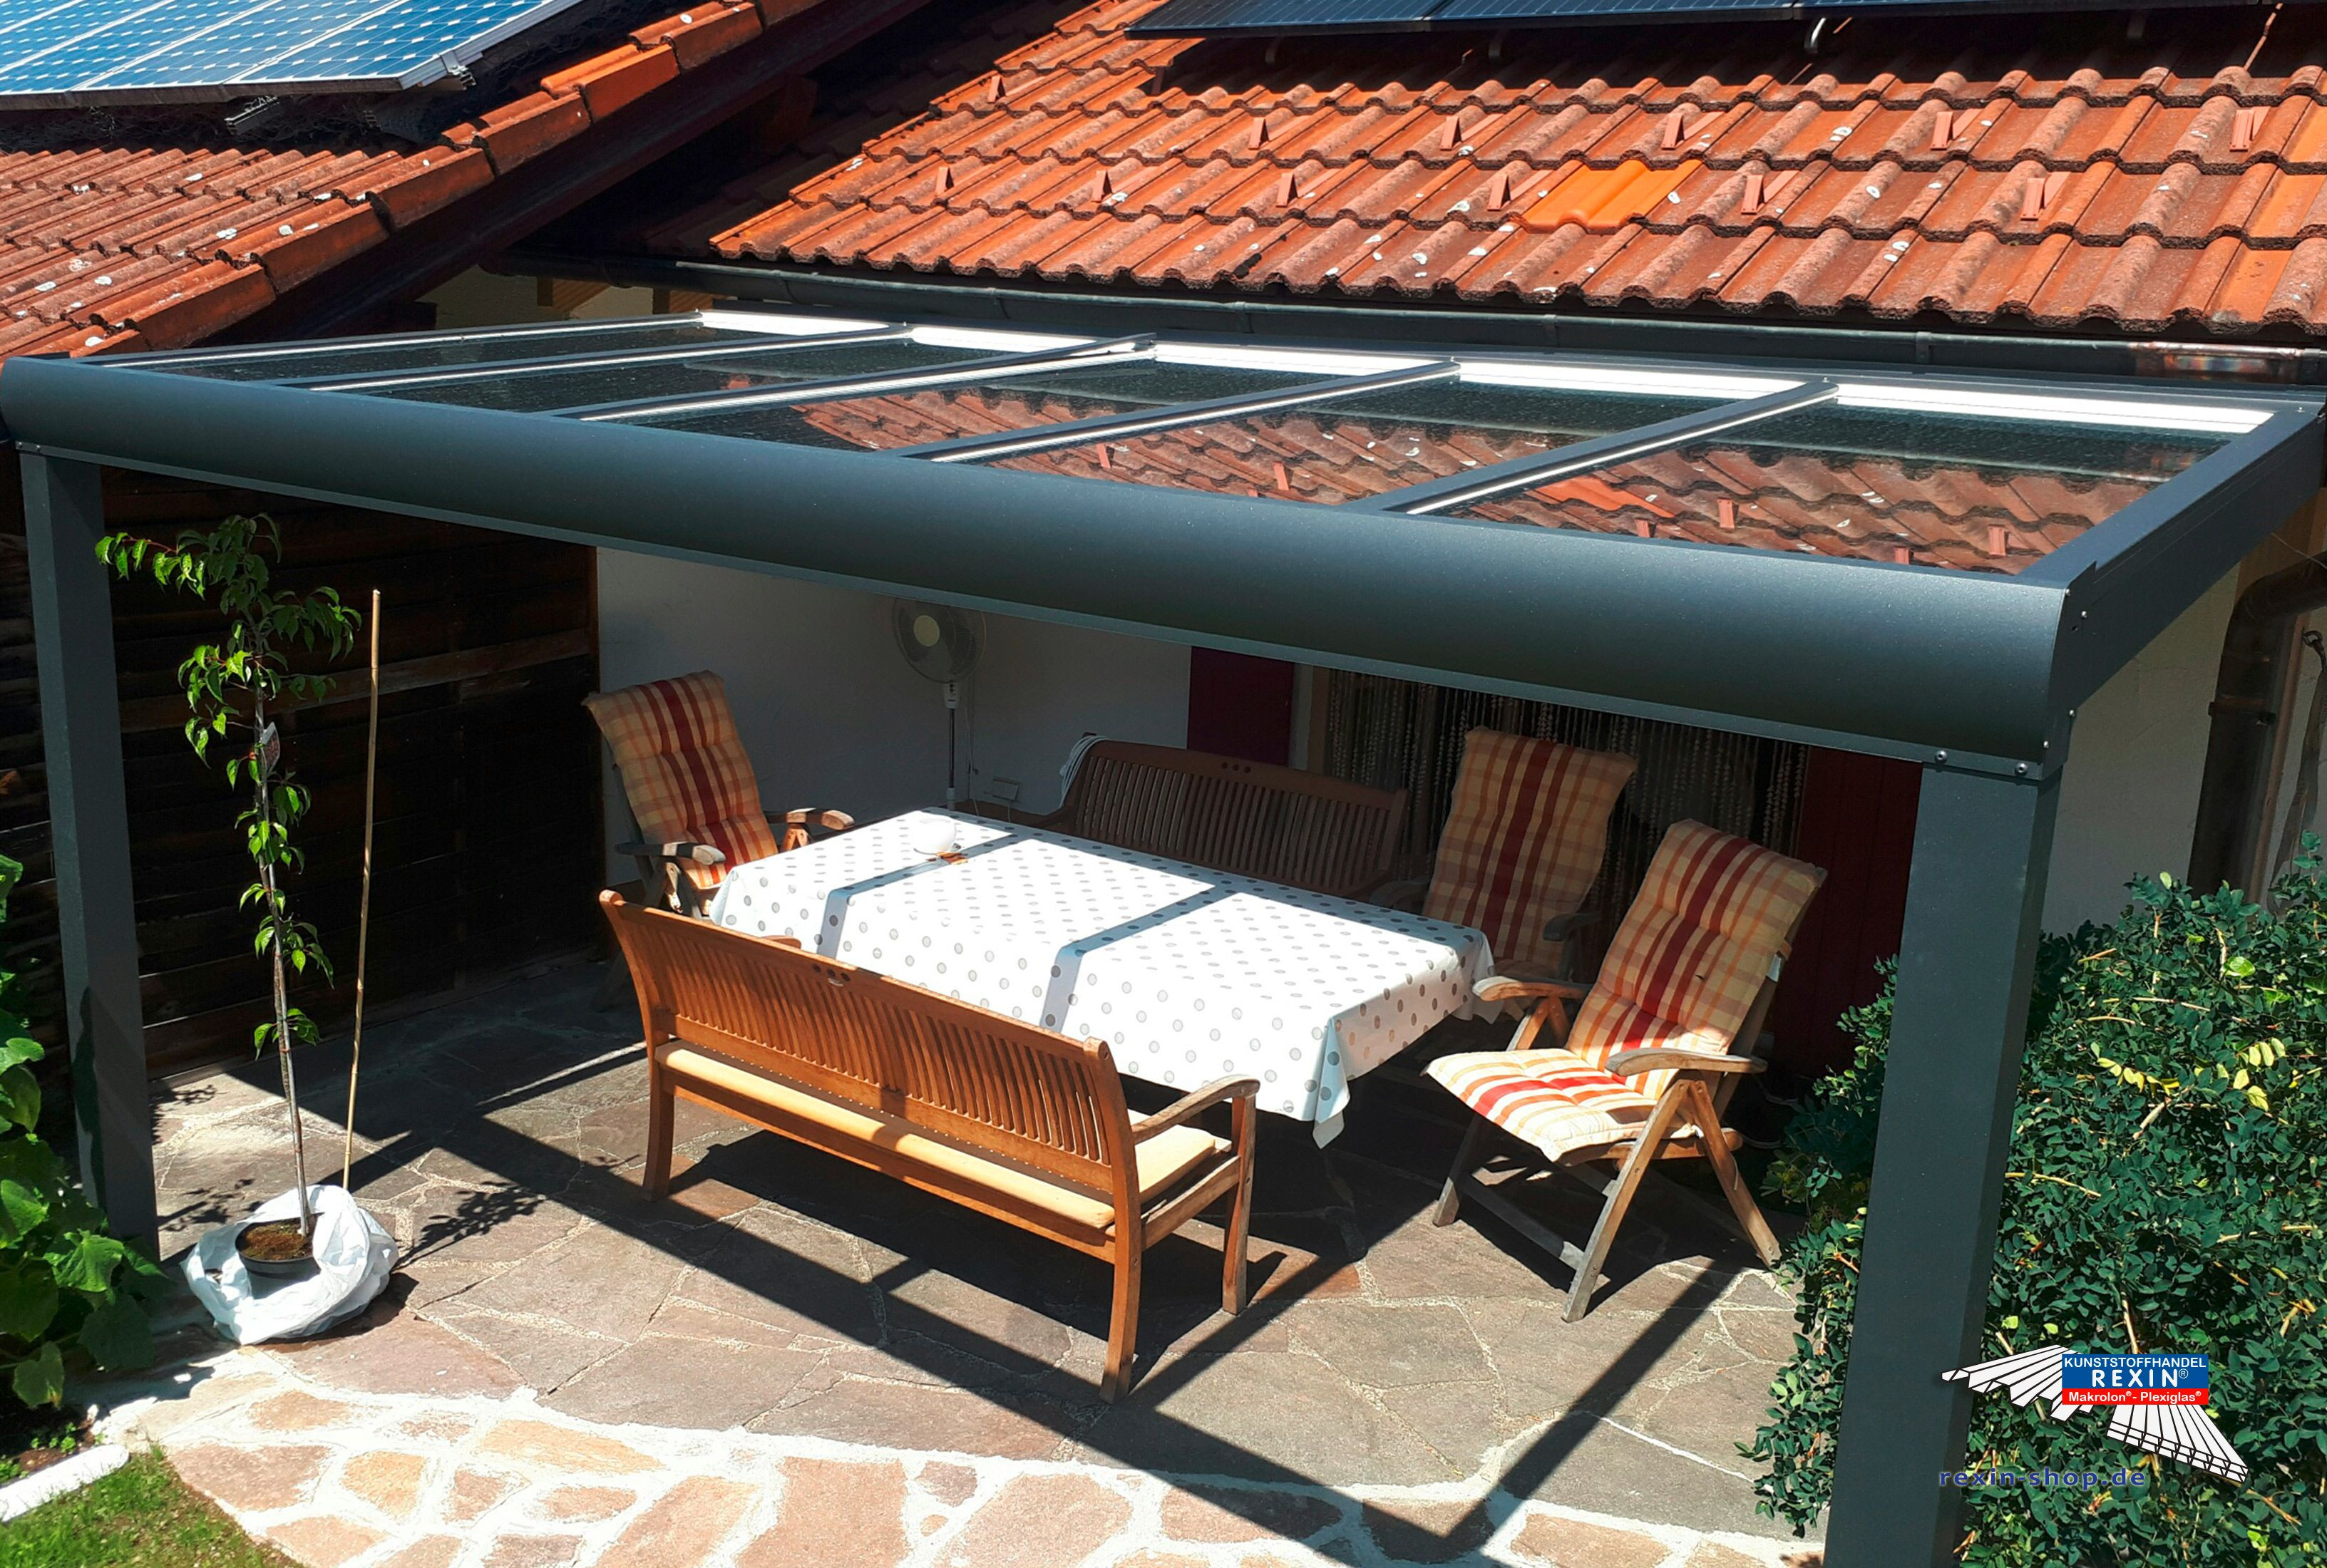 Ein Alu Terrassendach Der Marke Rexopremium Anthrazit 4m X 2m Mit